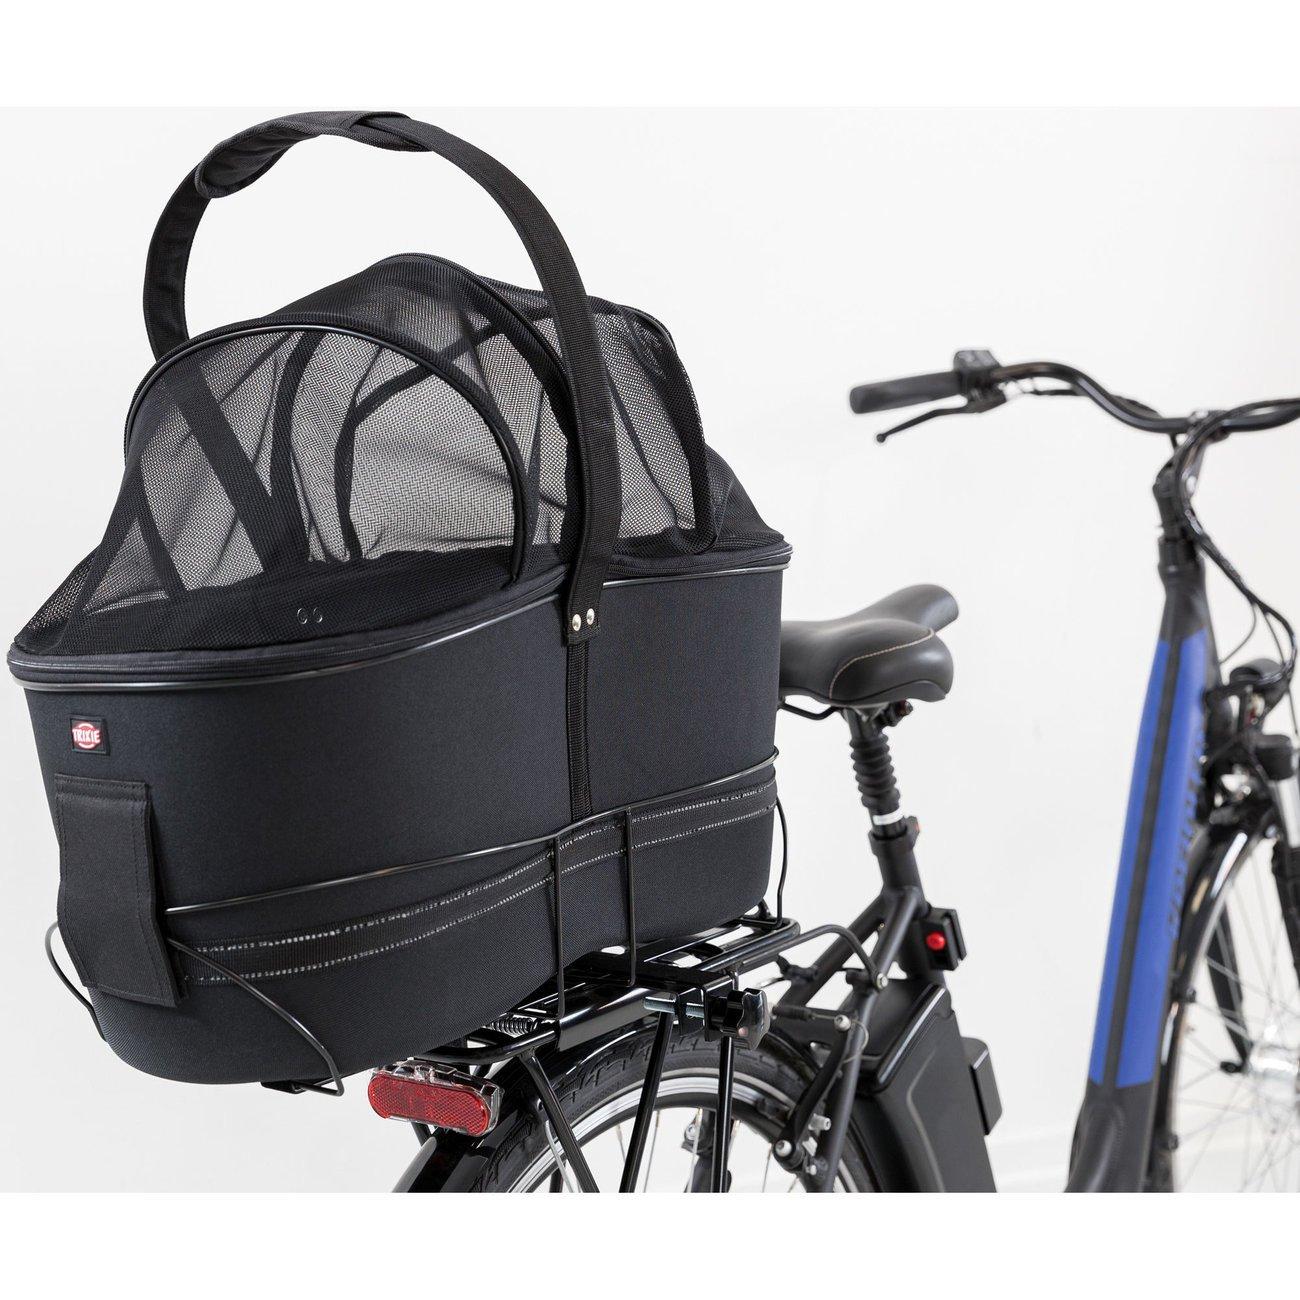 TRIXIE Hunde Fahrradkorb Long für breite Gepäckträger 13110, Bild 4